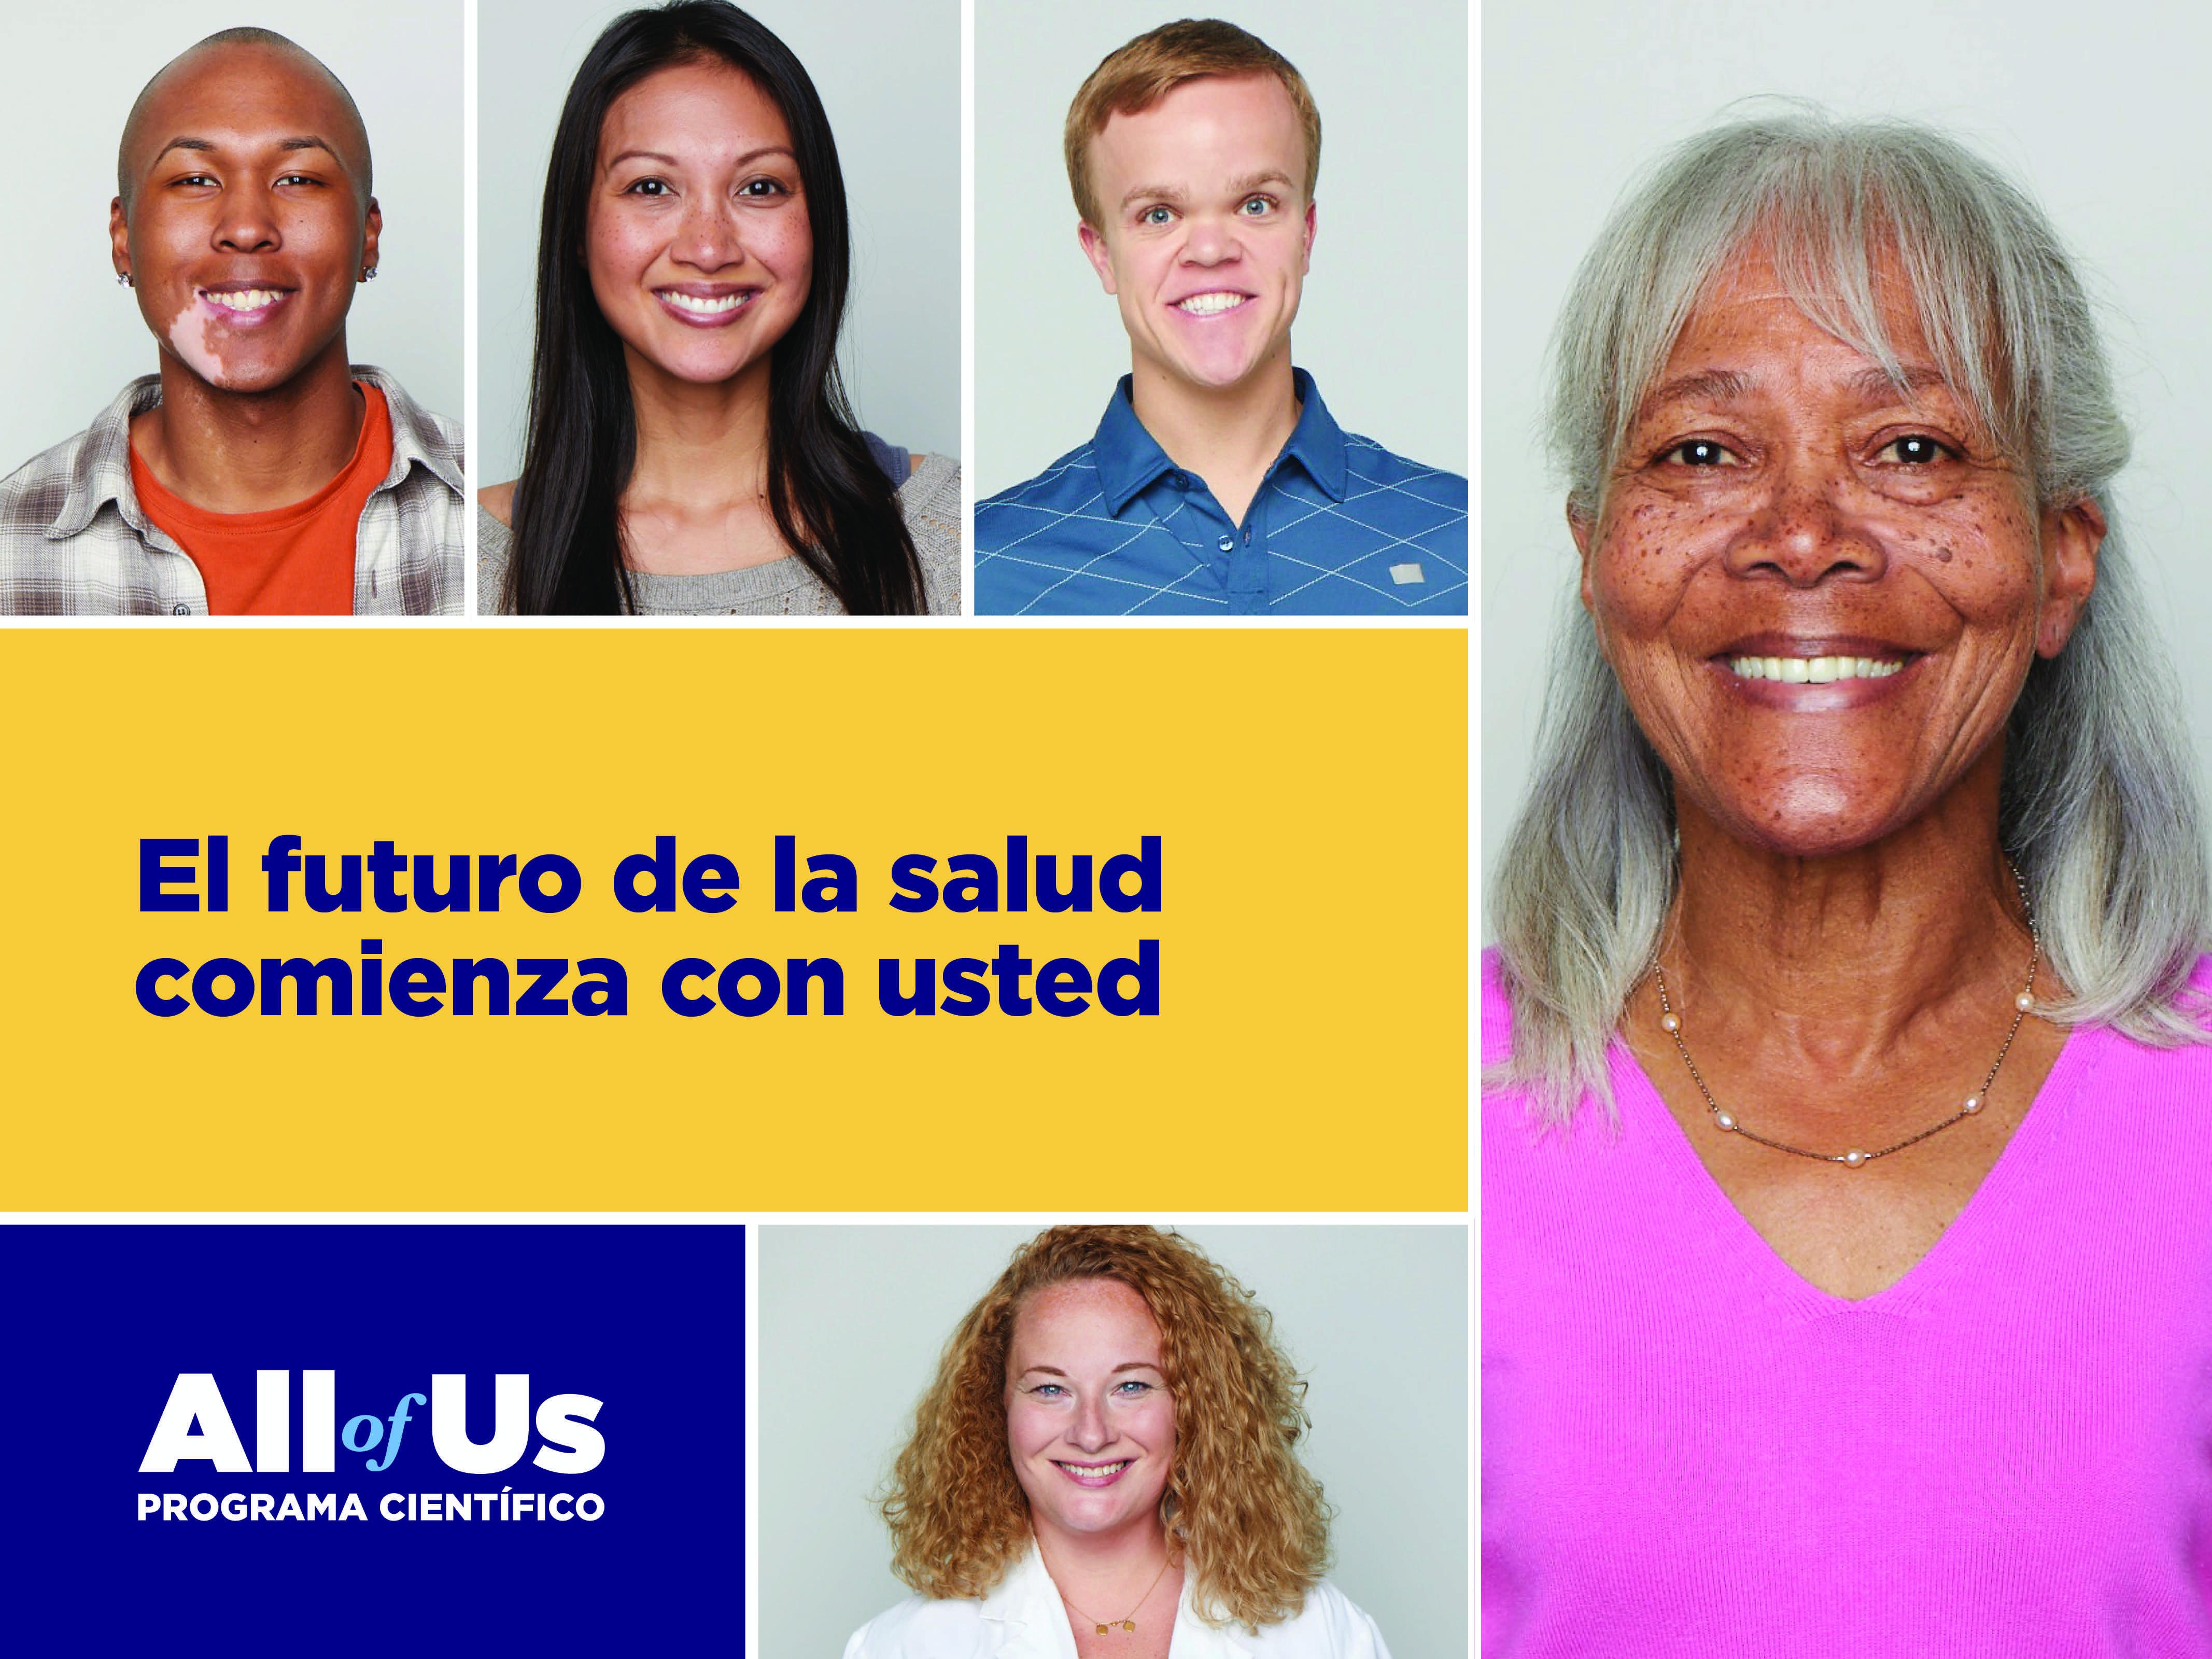 Imagen en mosaico con cinco imágenes de personas diversas, All of Us programa cientifico logo, el futuro de la salud comienza con usted